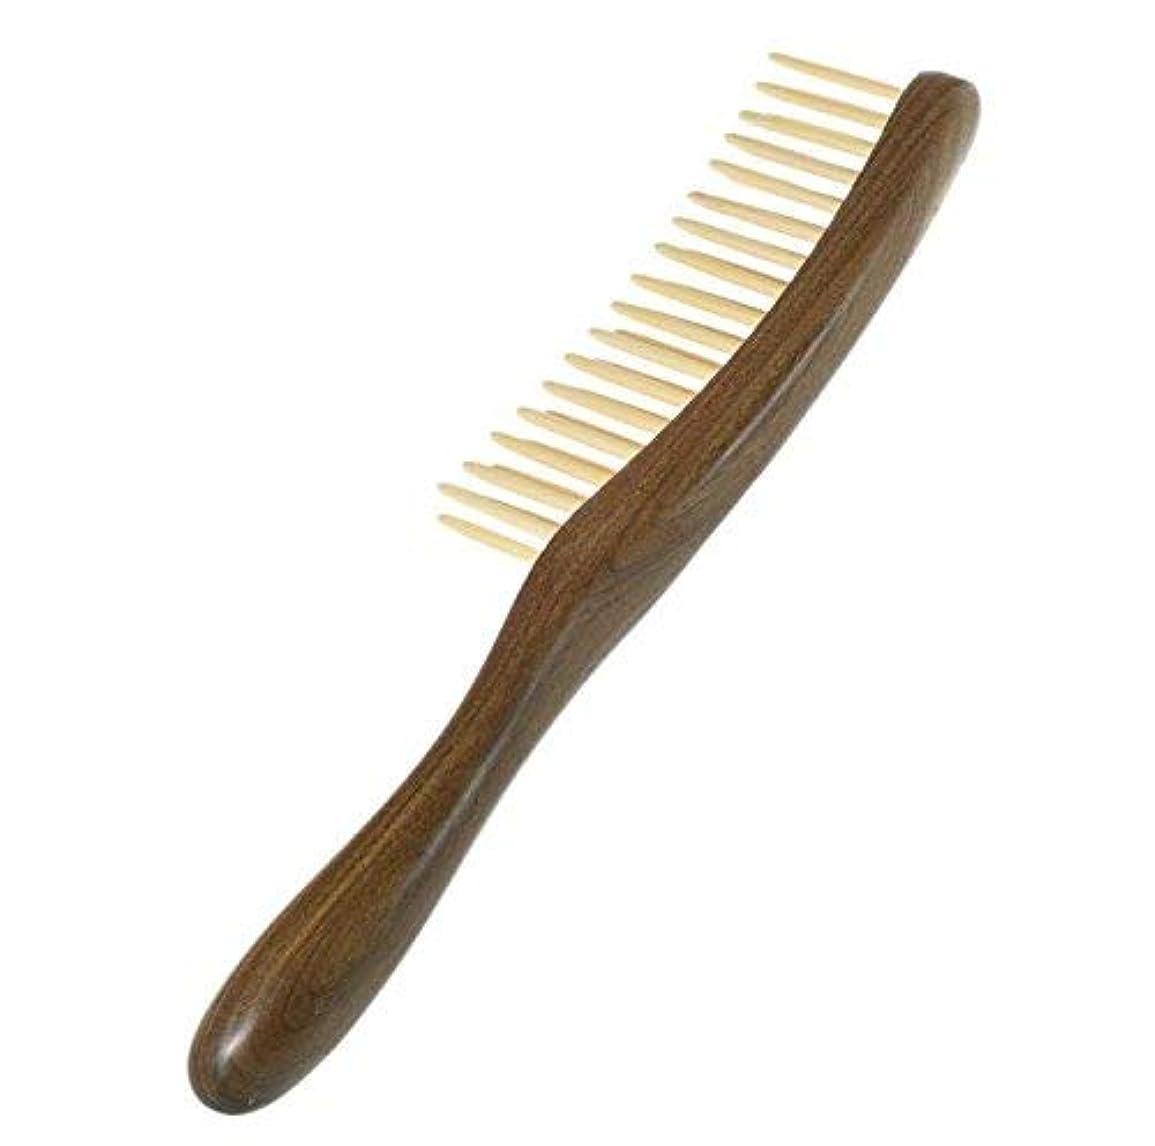 サミット器具小さいNatural Sandalwood Bamboo Hair Comb Anti-static Wooden Handle Hair Scalp Massage Comb Hairbrush Detangle Hair...